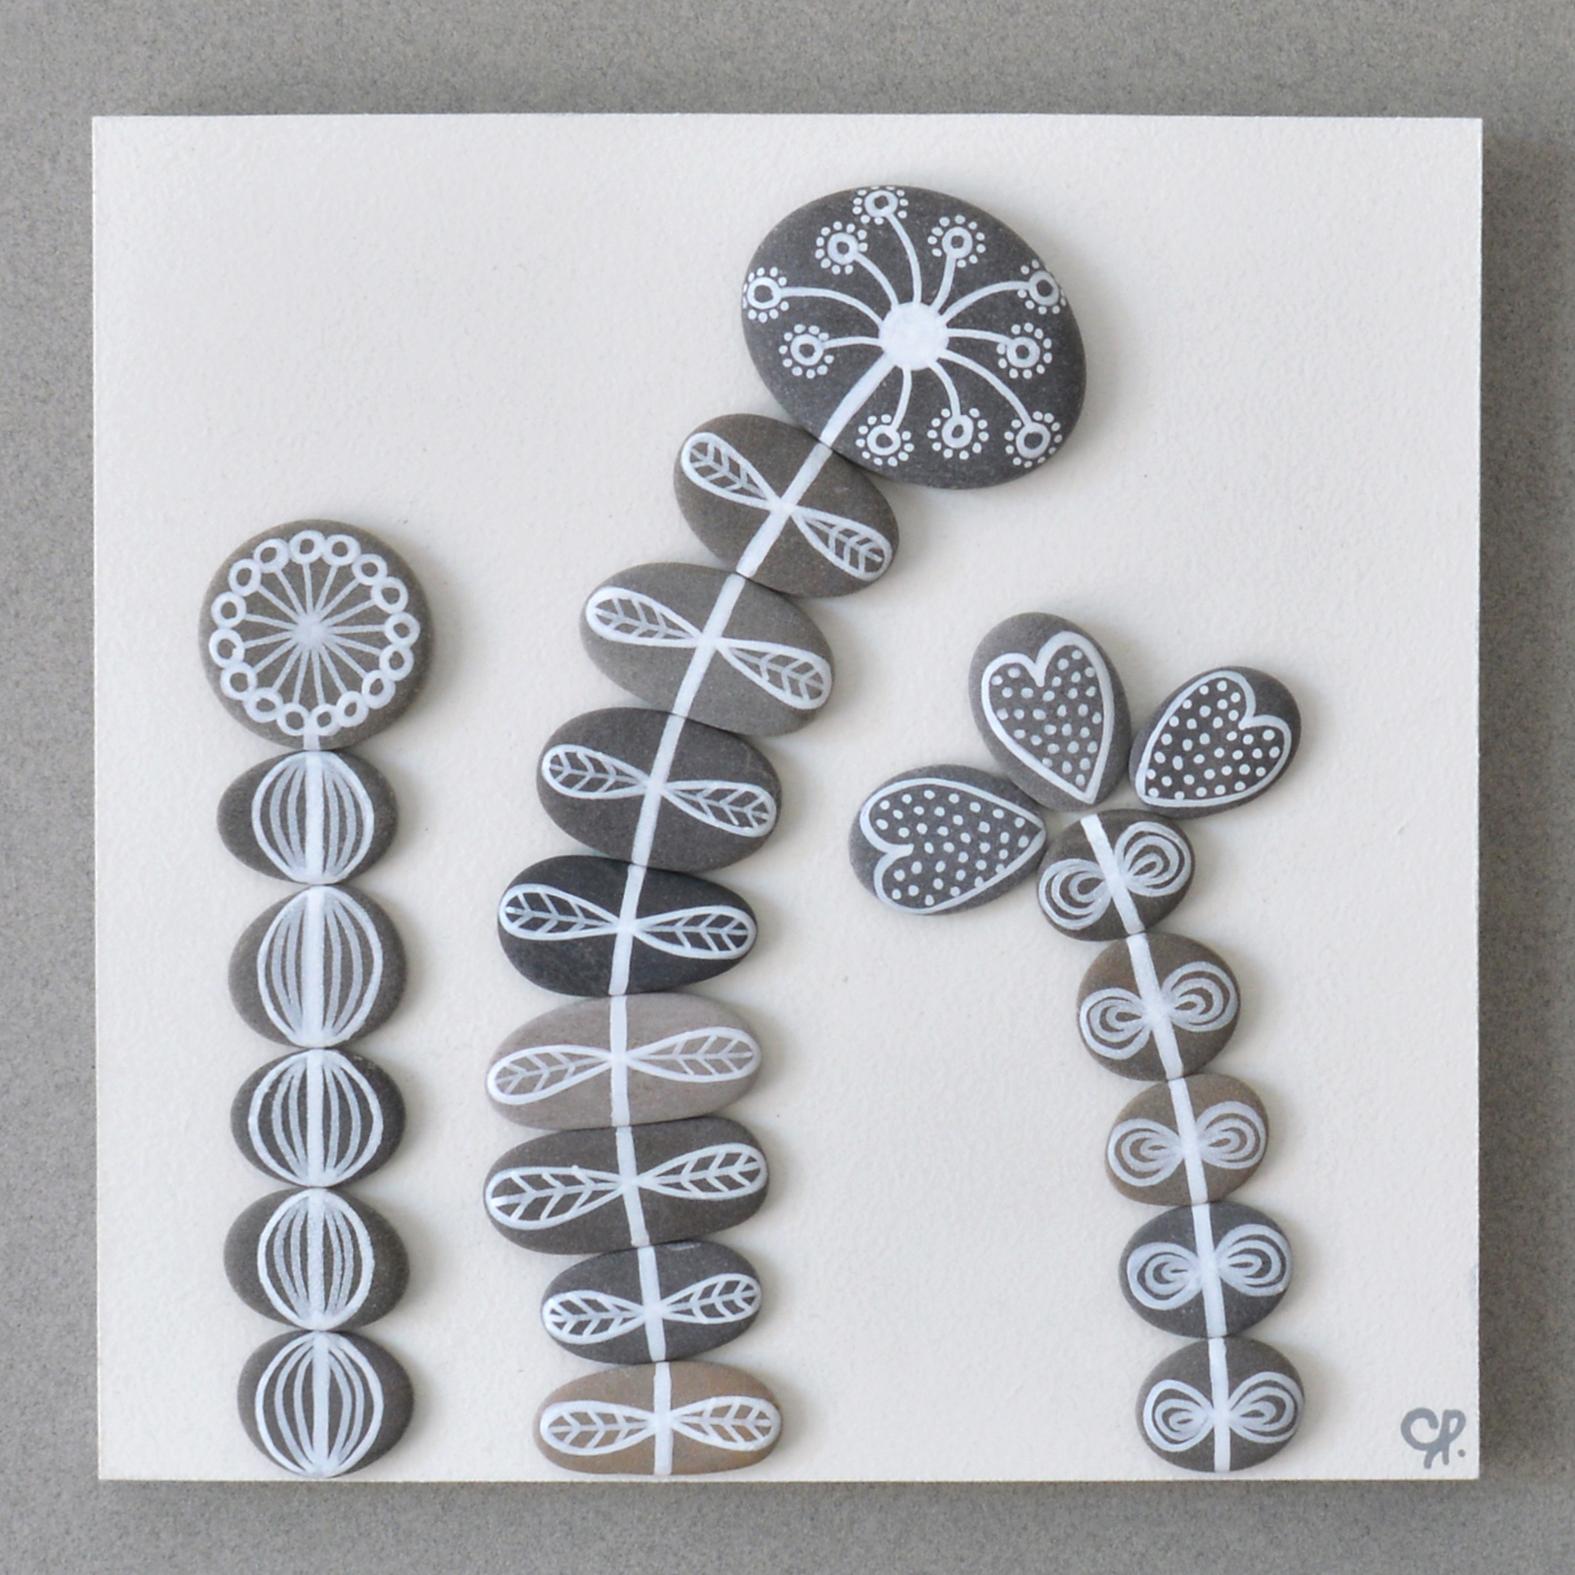 Faire Un Tableau Avec Des Galets cocolico-creations: tableau 3 fleurs en galets